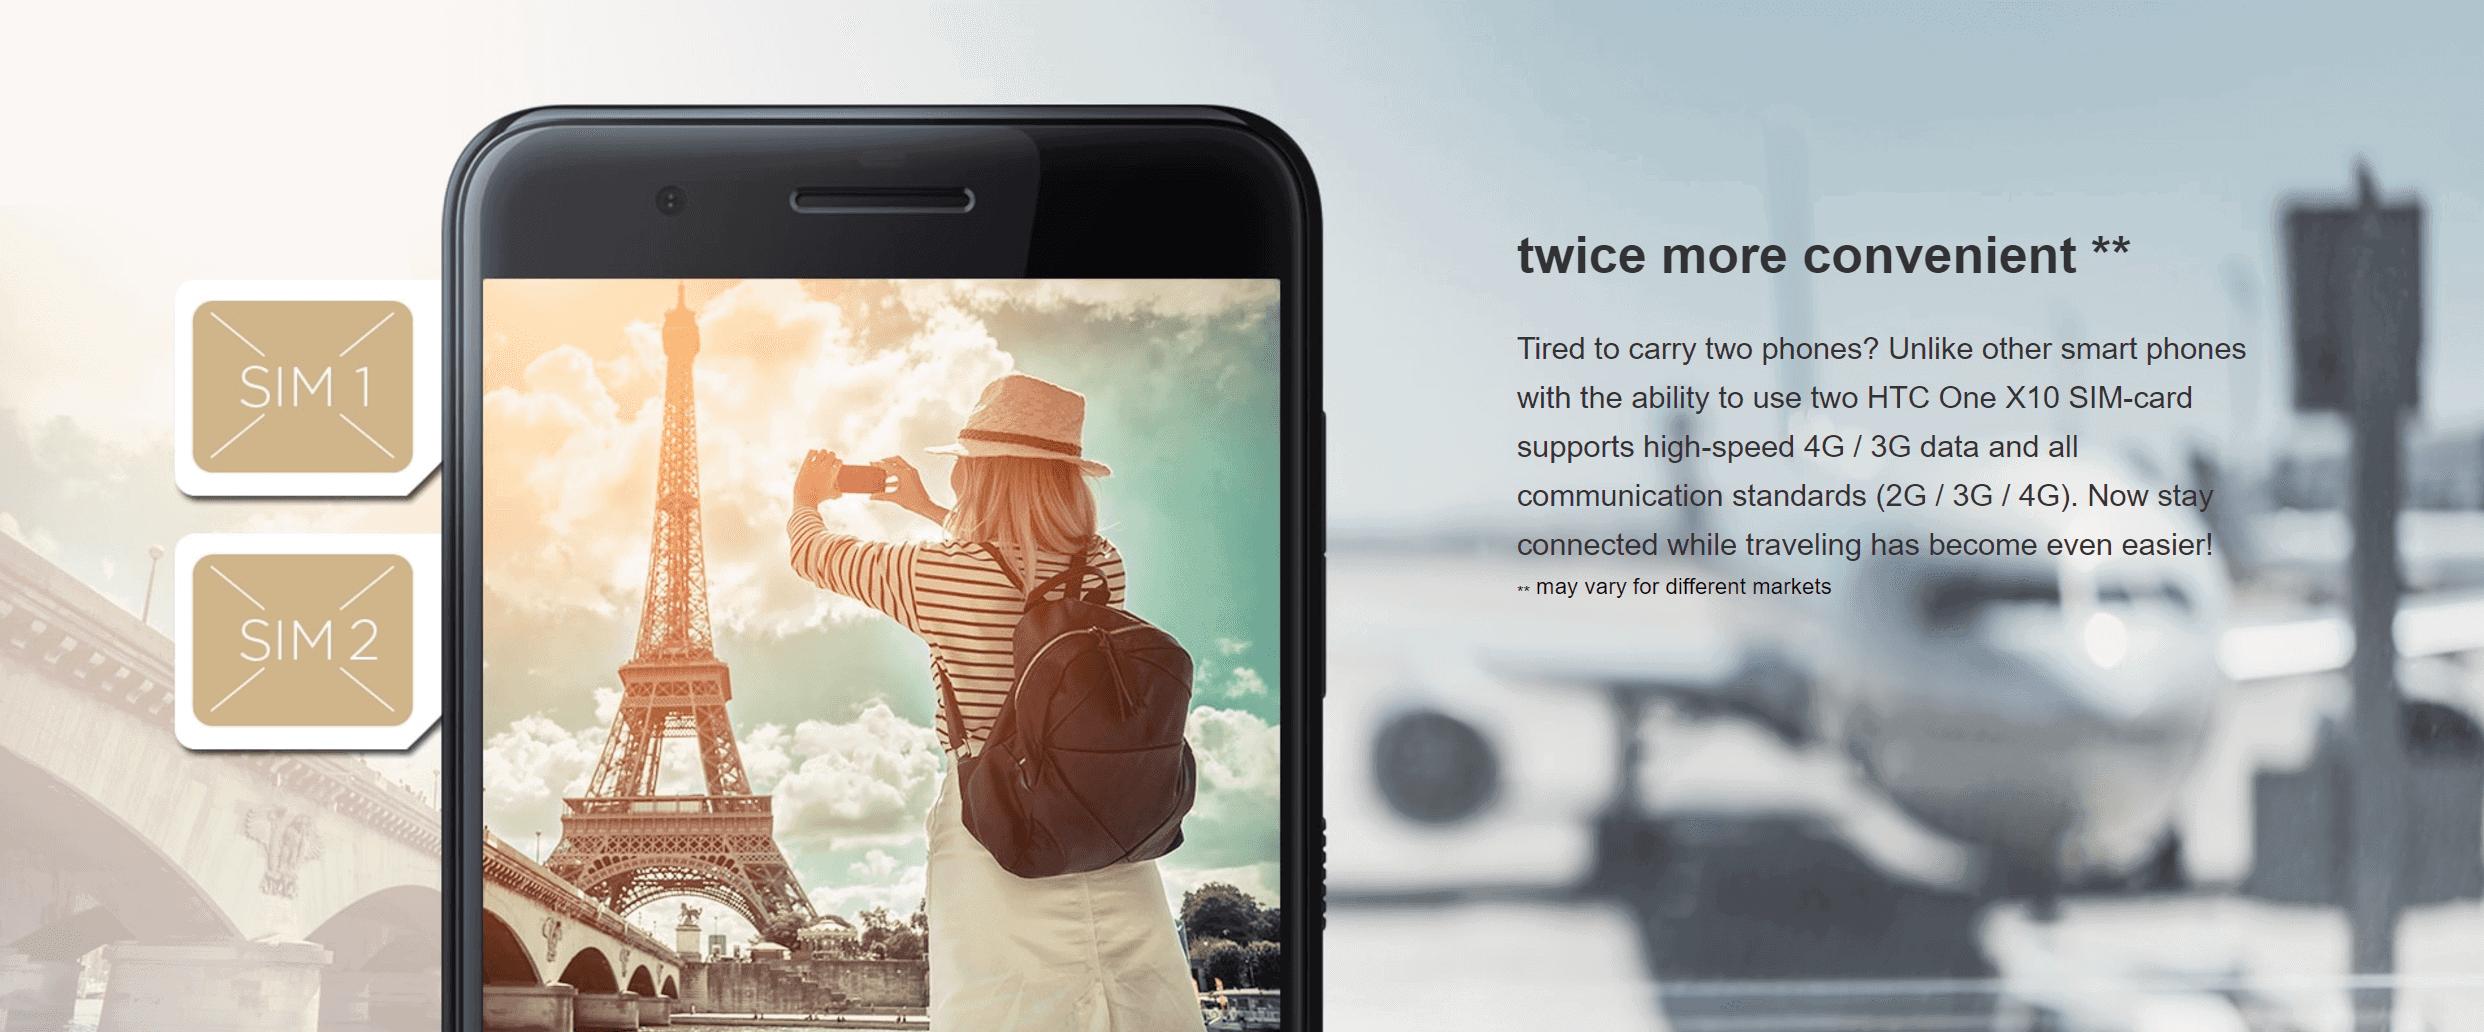 HTC One x10 2